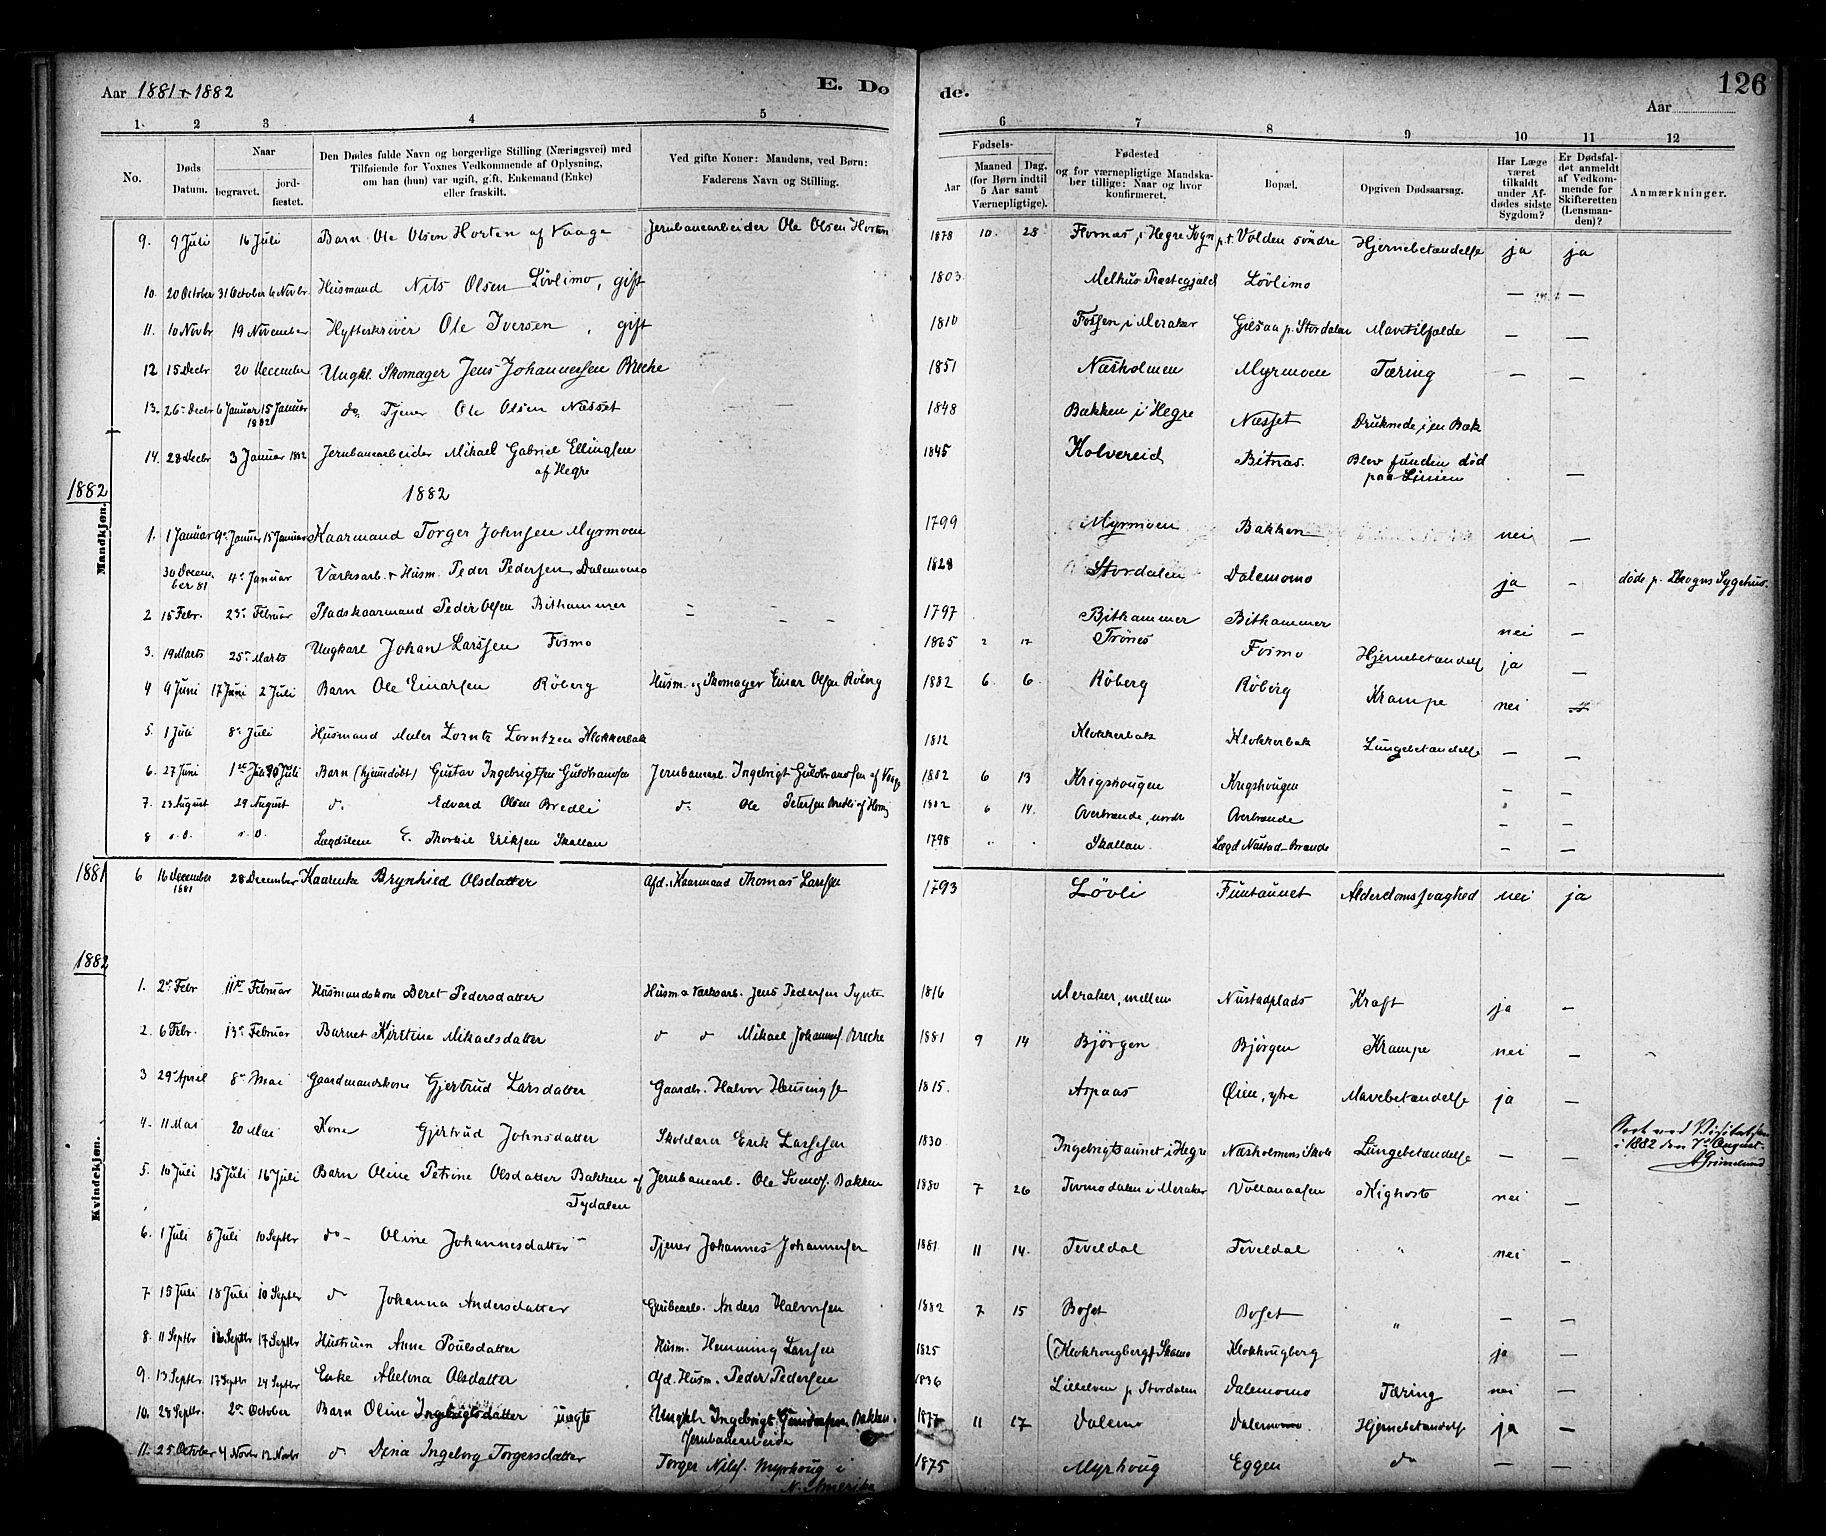 SAT, Ministerialprotokoller, klokkerbøker og fødselsregistre - Nord-Trøndelag, 706/L0047: Ministerialbok nr. 706A03, 1878-1892, s. 126